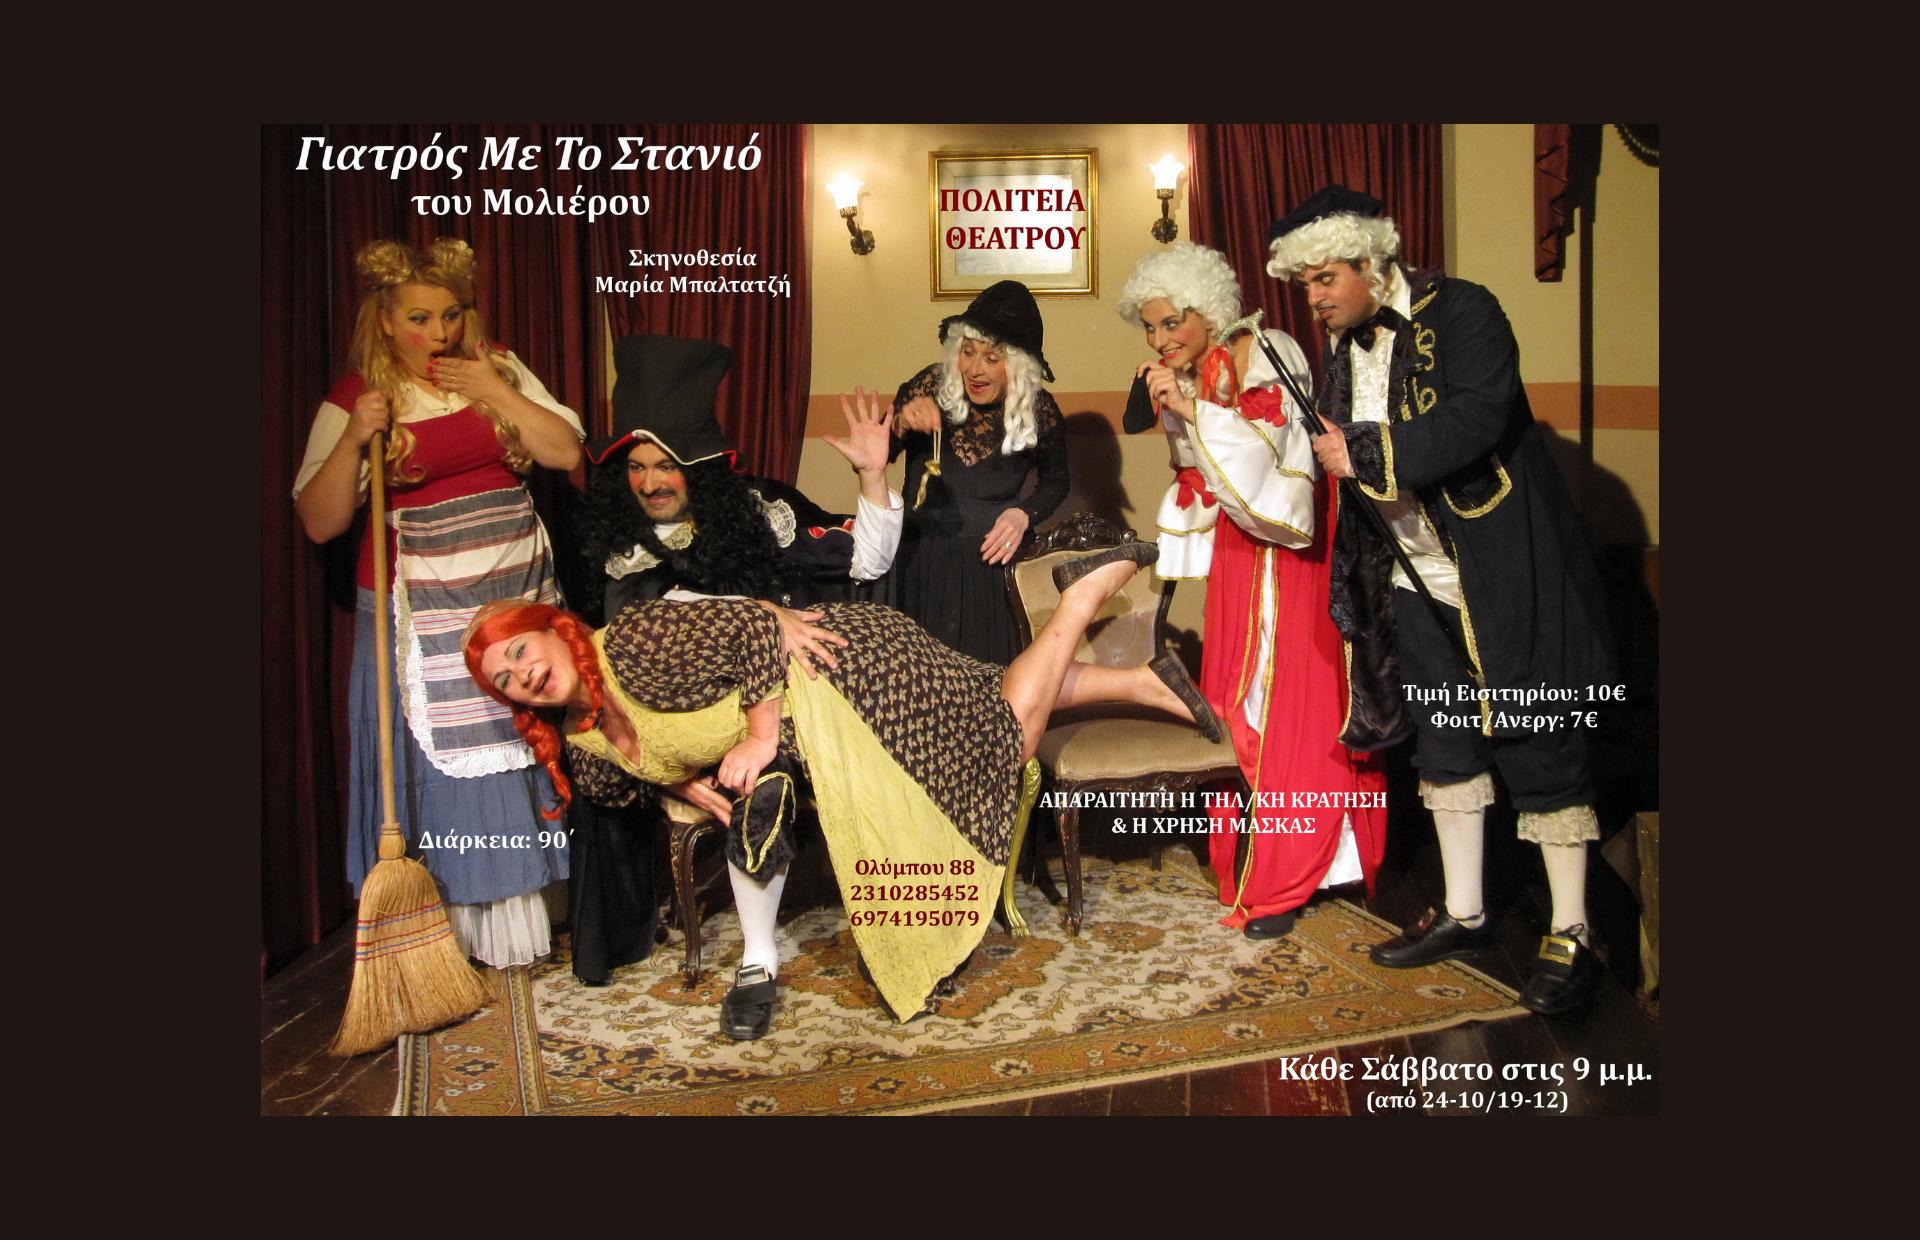 """""""Γιατρός Με Το Στανιό"""" του Μολιέρου, στην Πολιτεία Θεάτρου"""